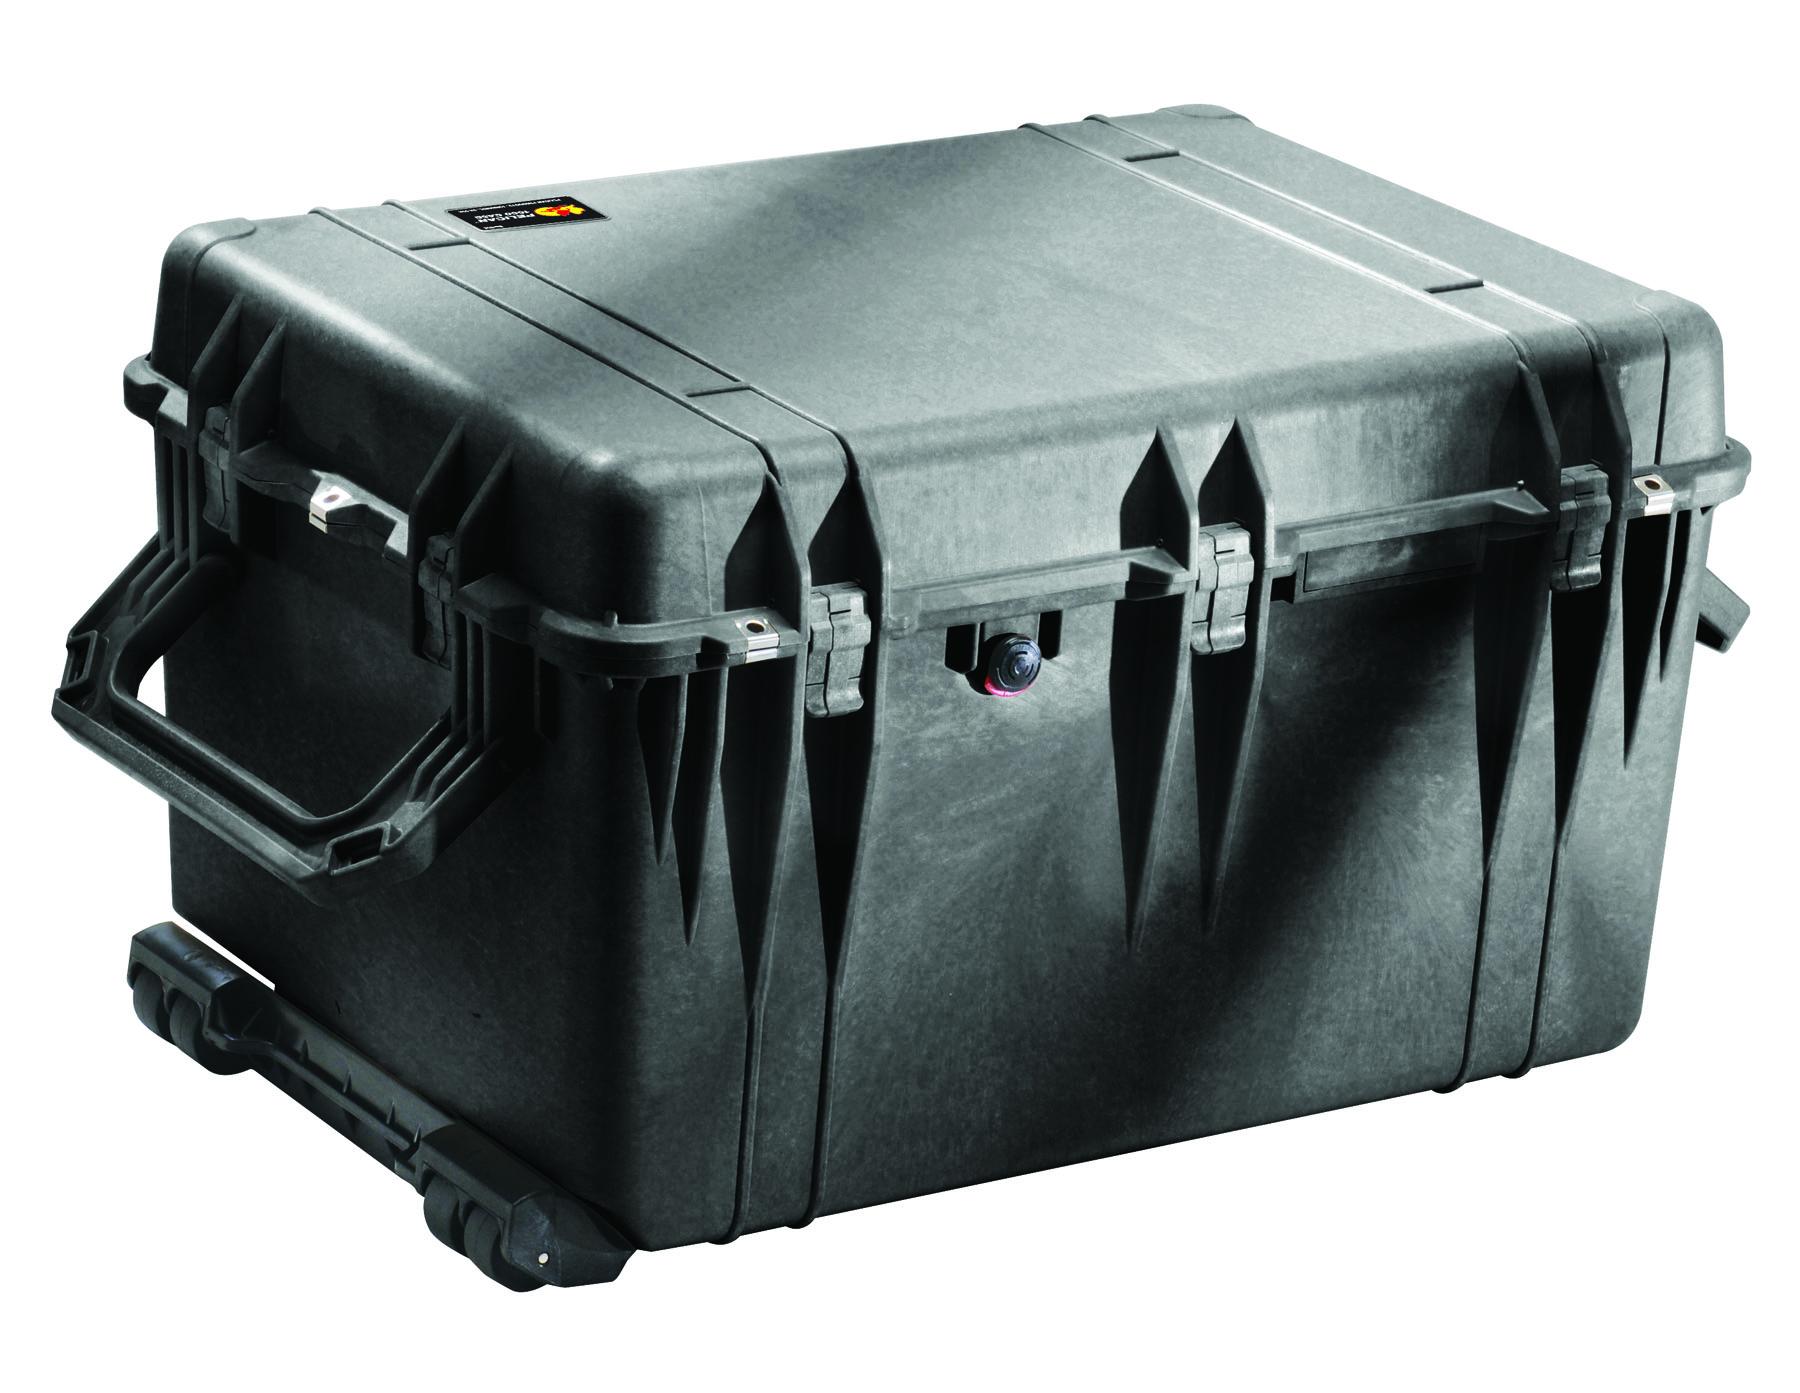 1660 - Pelican 1660 Rolling Case Custom Foam Inserts